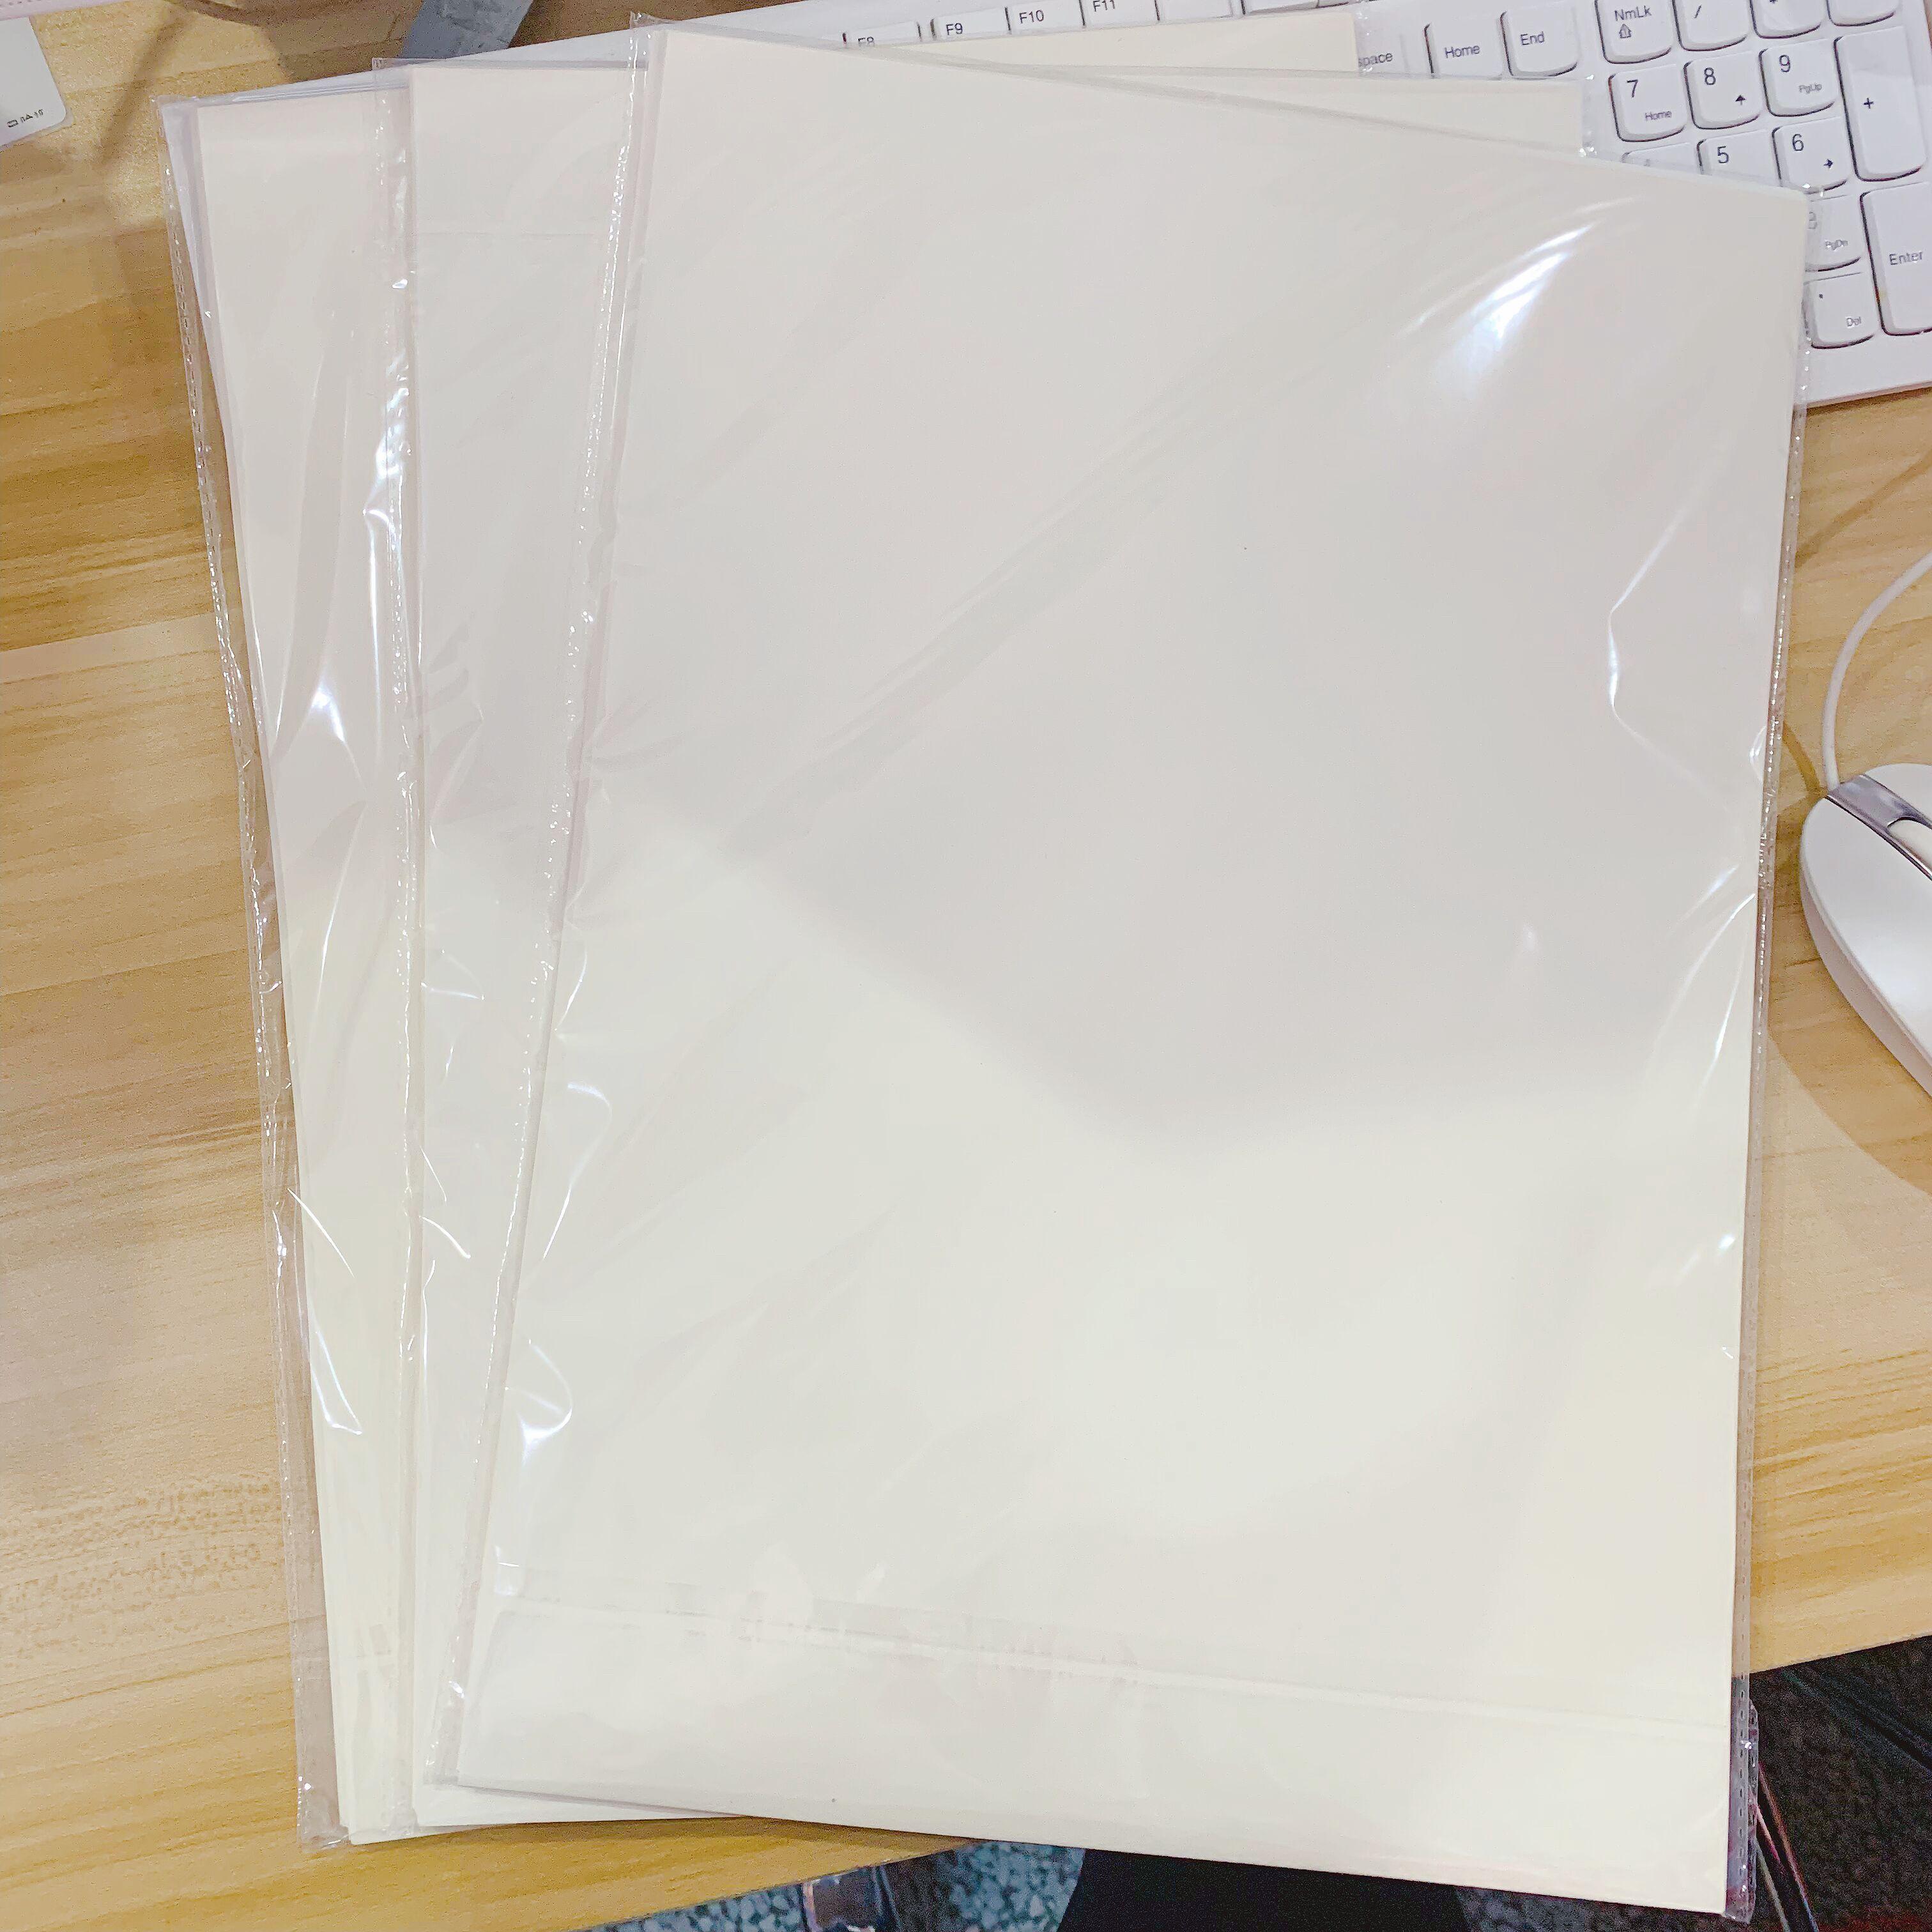 包邮 8K铅画纸  60张装儿童绘画纸 涂鸦纸 素描纸 水粉画 蜡笔画